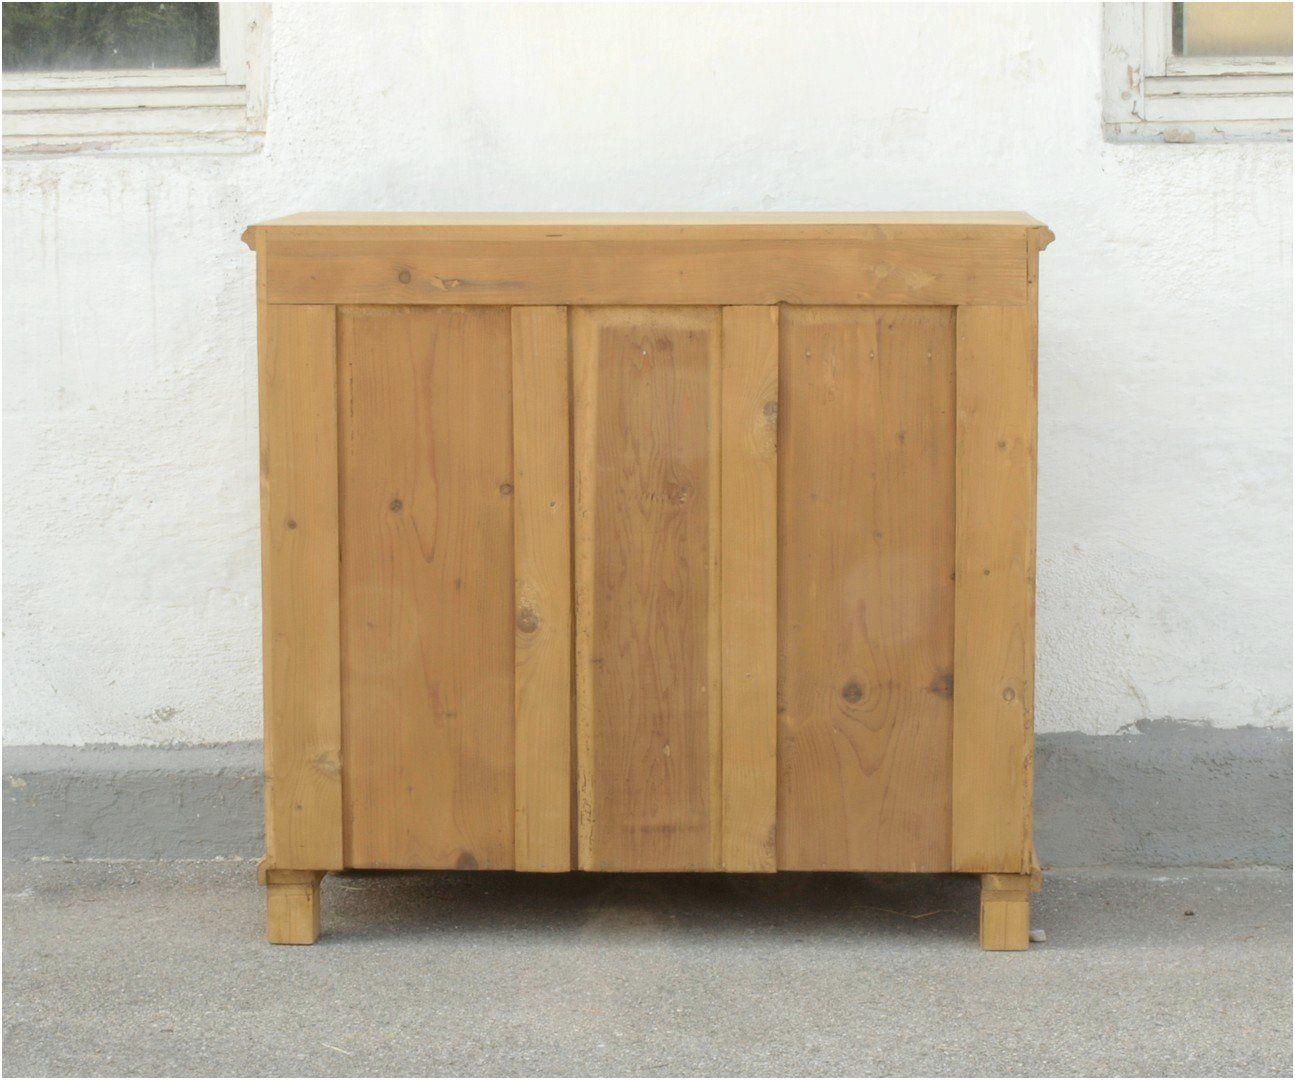 Lange Kommode Elegant A105 Anrichte Aus Altem Holz 105 Cm Lange Kommode Langekommode In 2020 Decor Home Decor Furniture